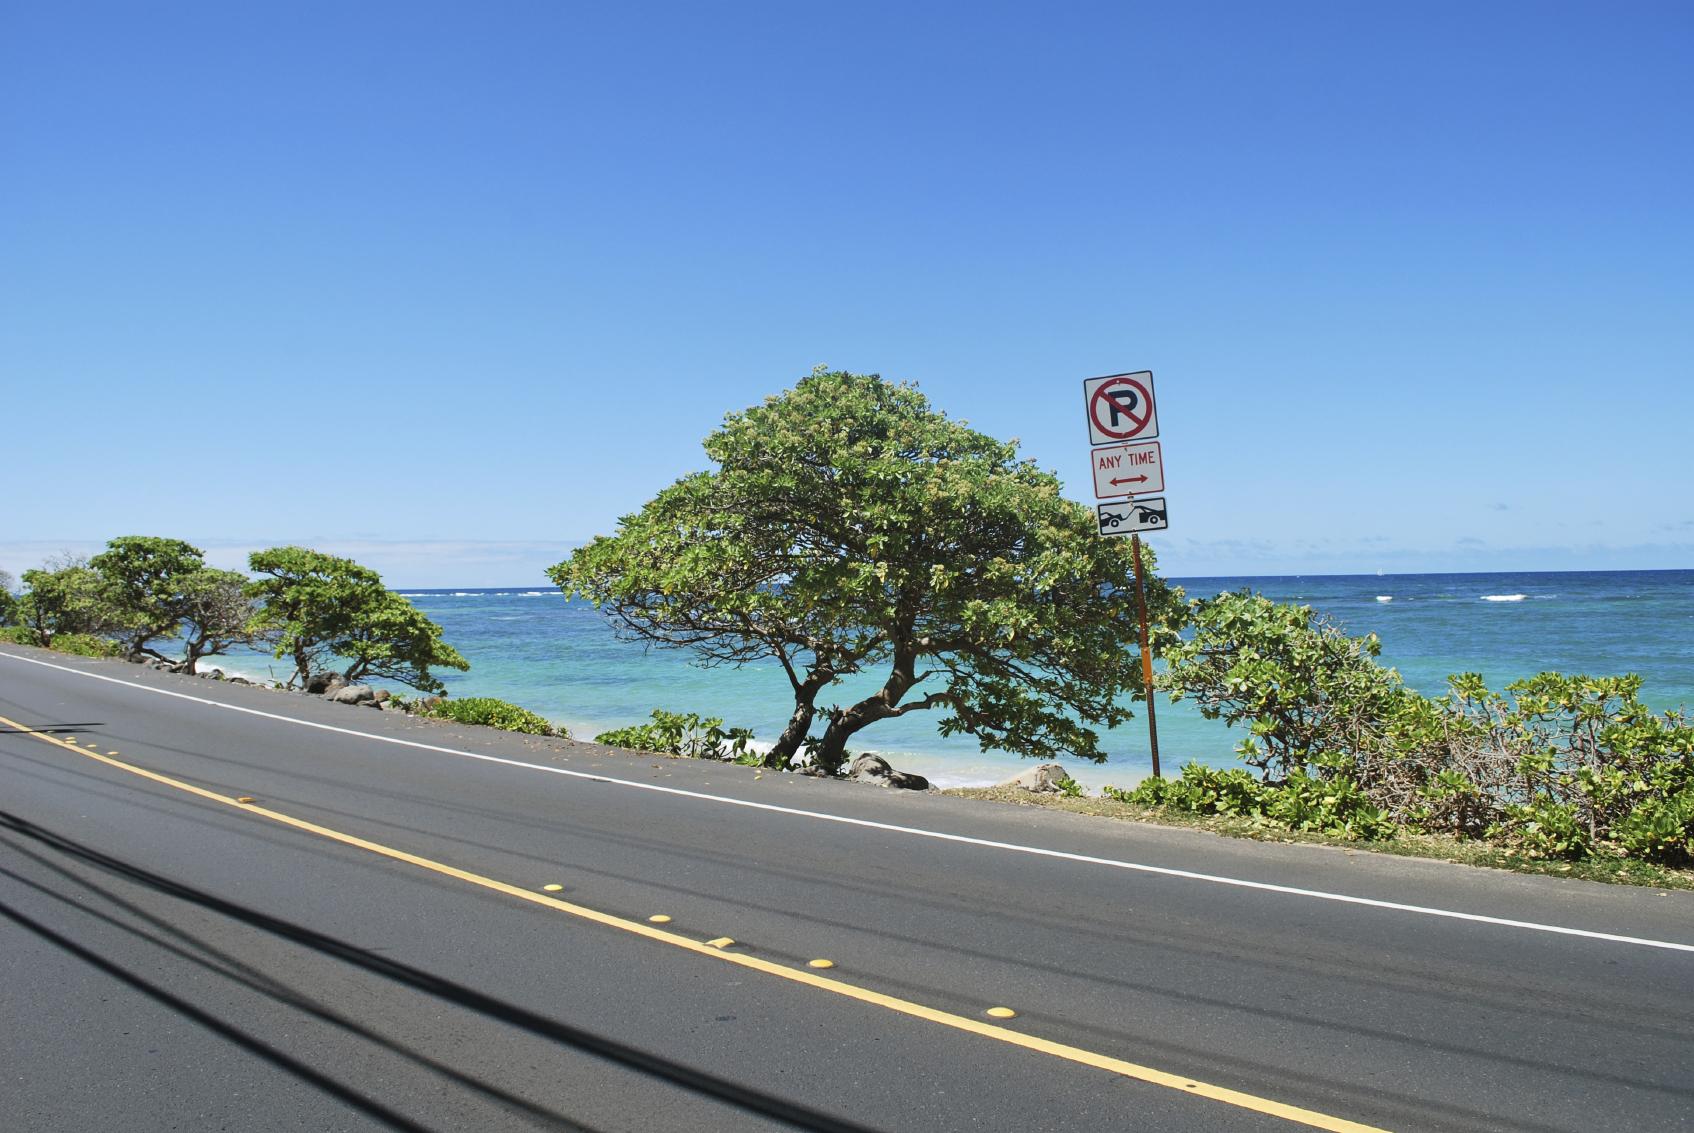 Kamehameha highway, honolulu